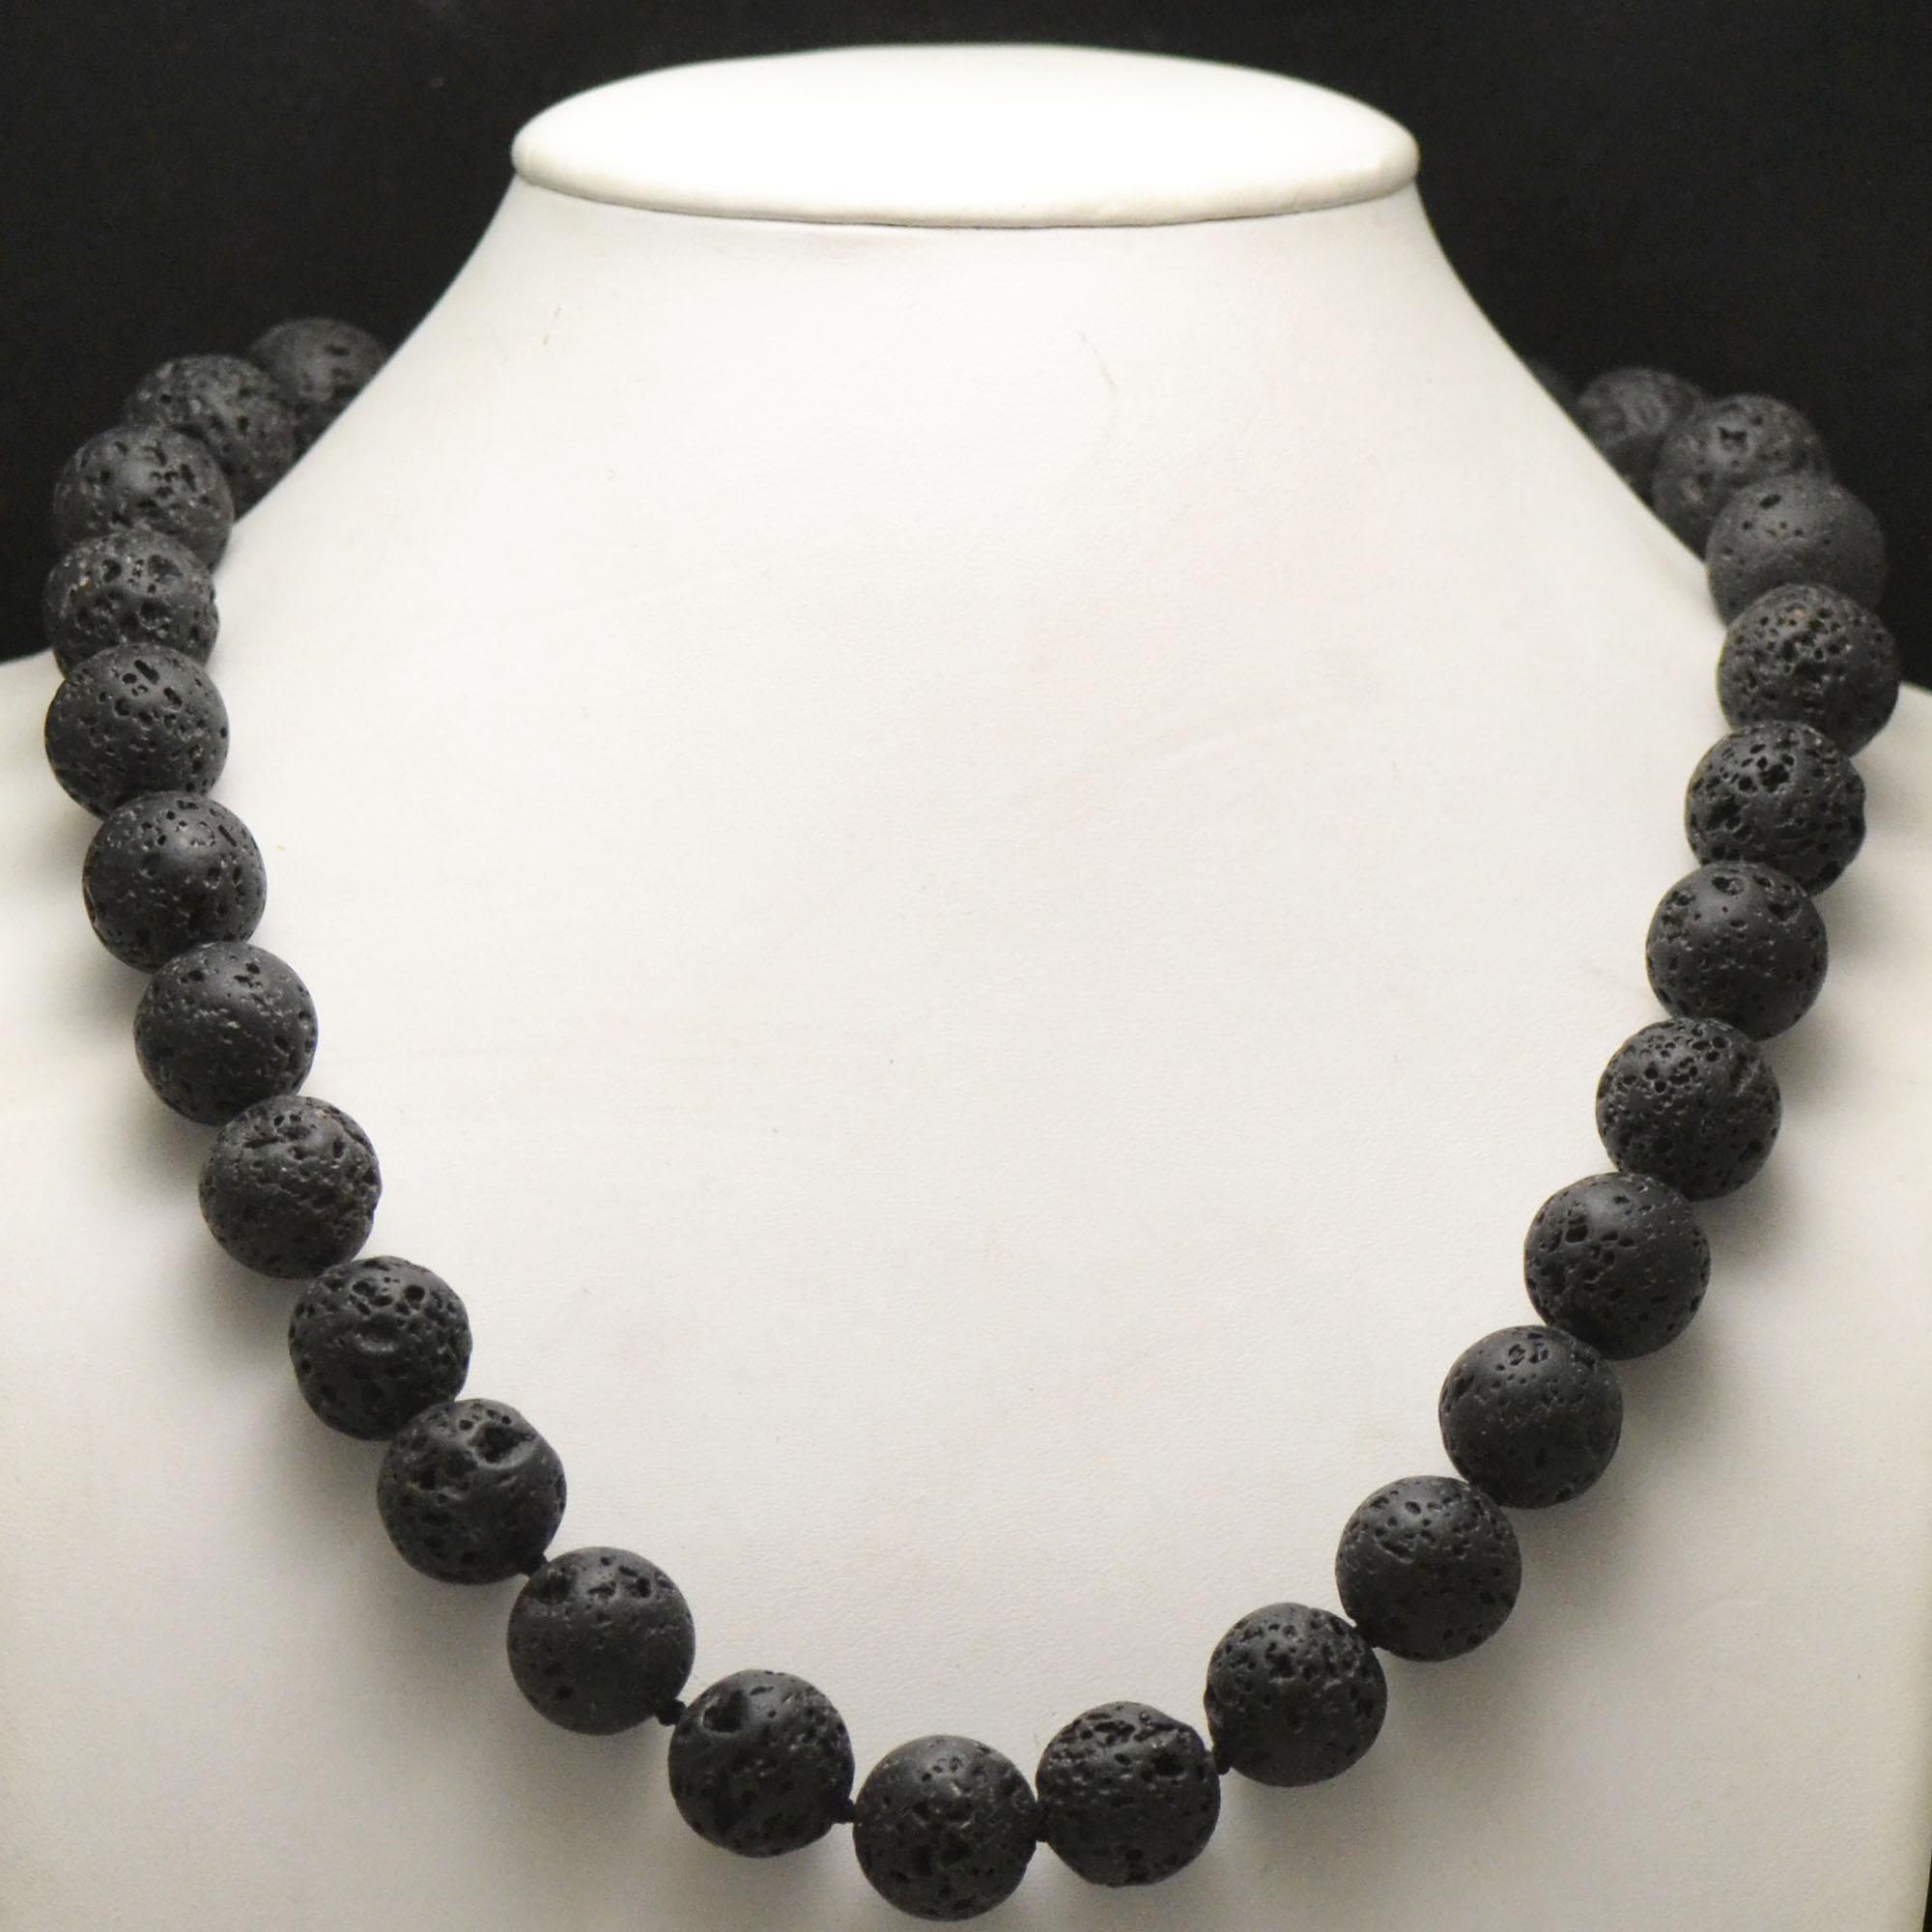 Collier pierre de lave (roche volcanique), perle ronde 16 mm